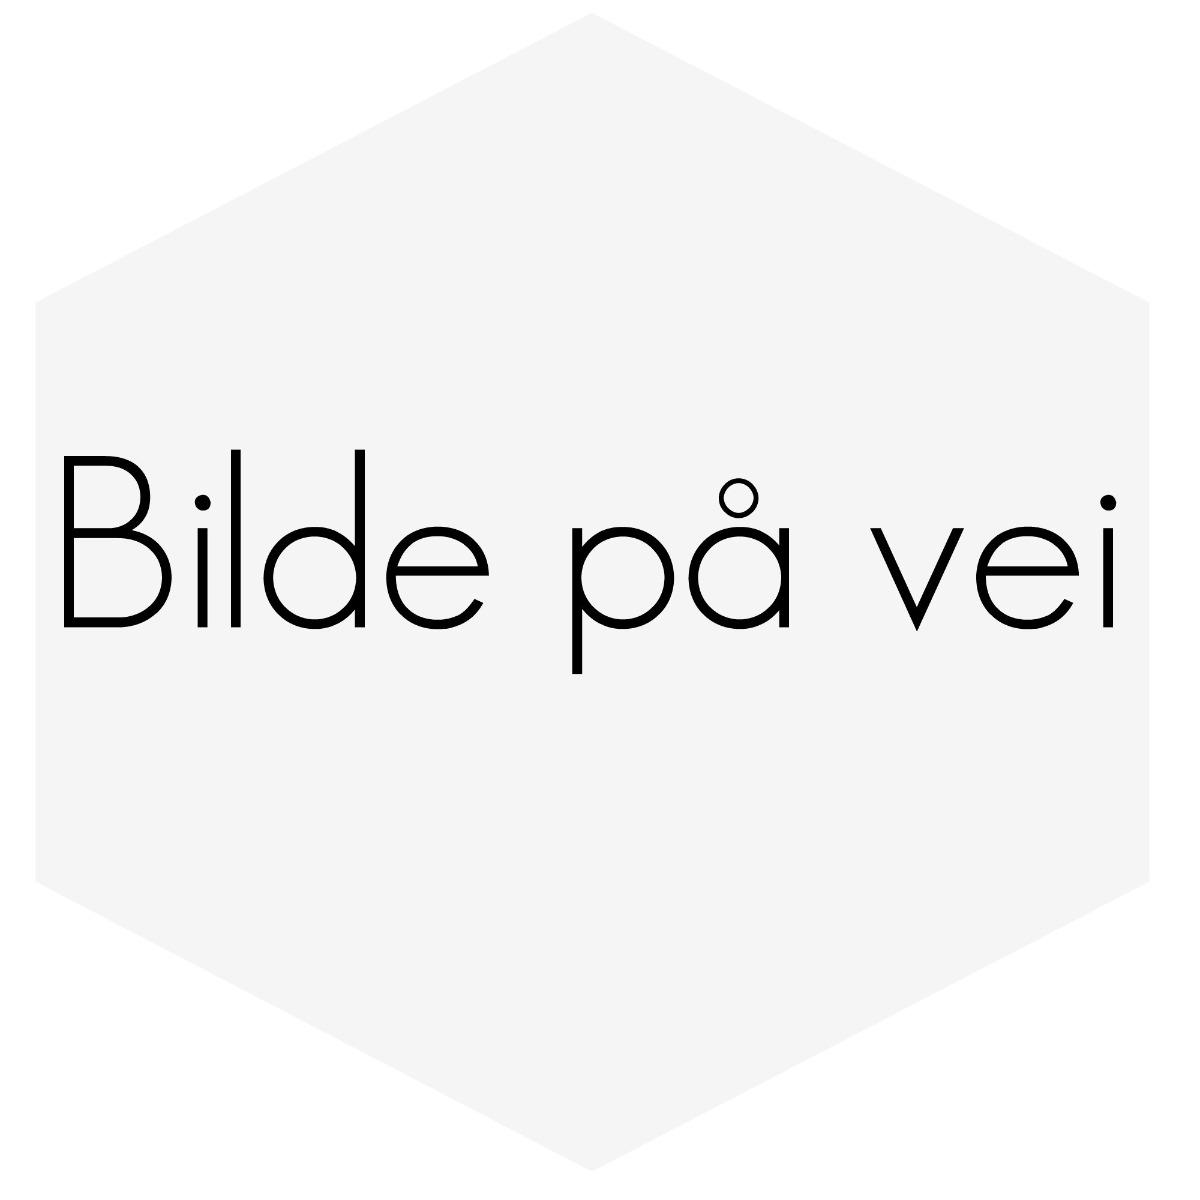 SPOILER BAK HEL CARBON TIL SAAB 9-5 SEDAN /STASJONSVOGN